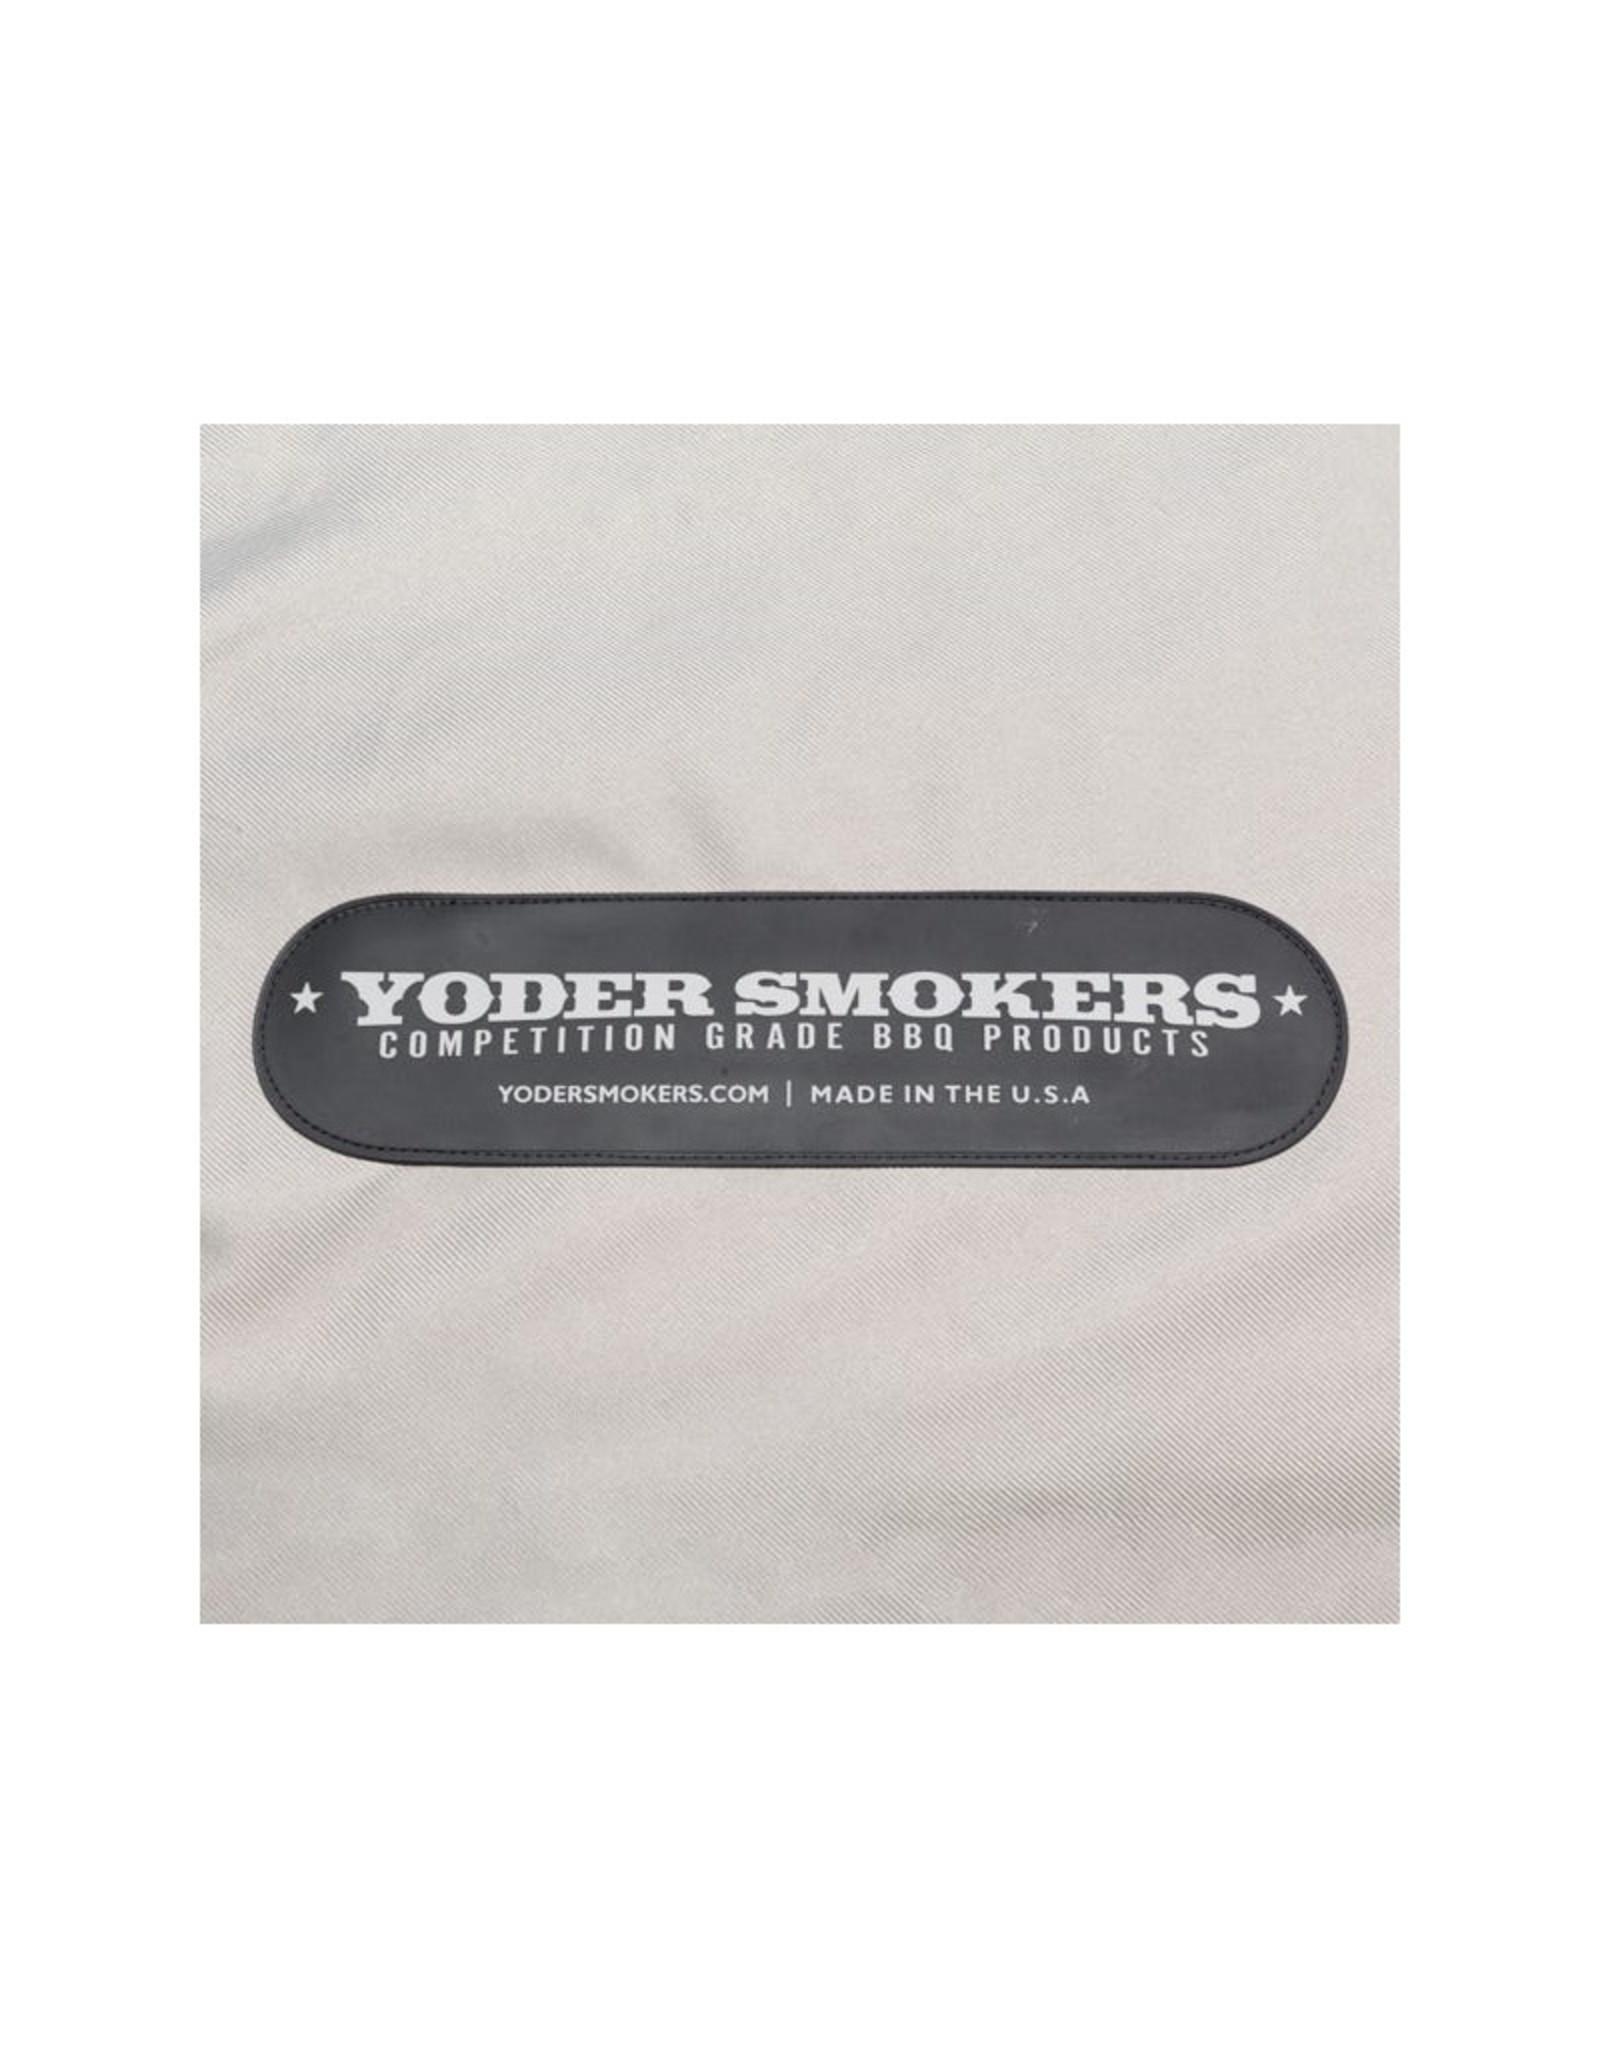 Yoder Smokers YS640 Afdekhoes - Competitie Onderstel